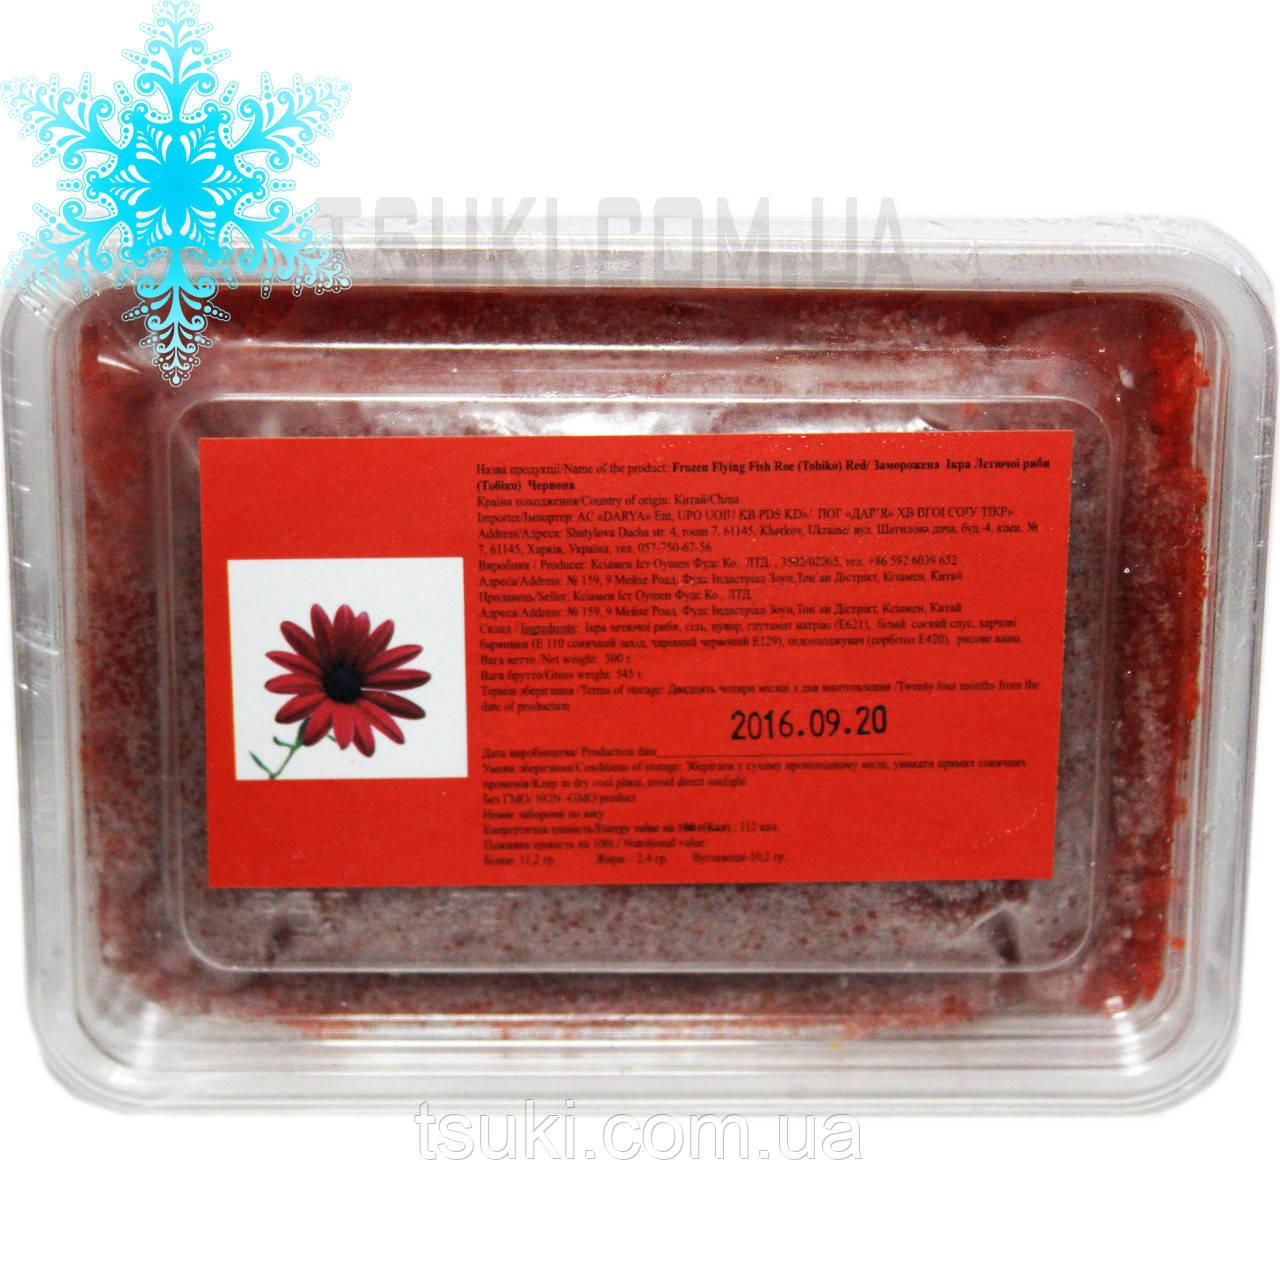 Икра Тобико летучей рыбы красная замороженная 0,5кг